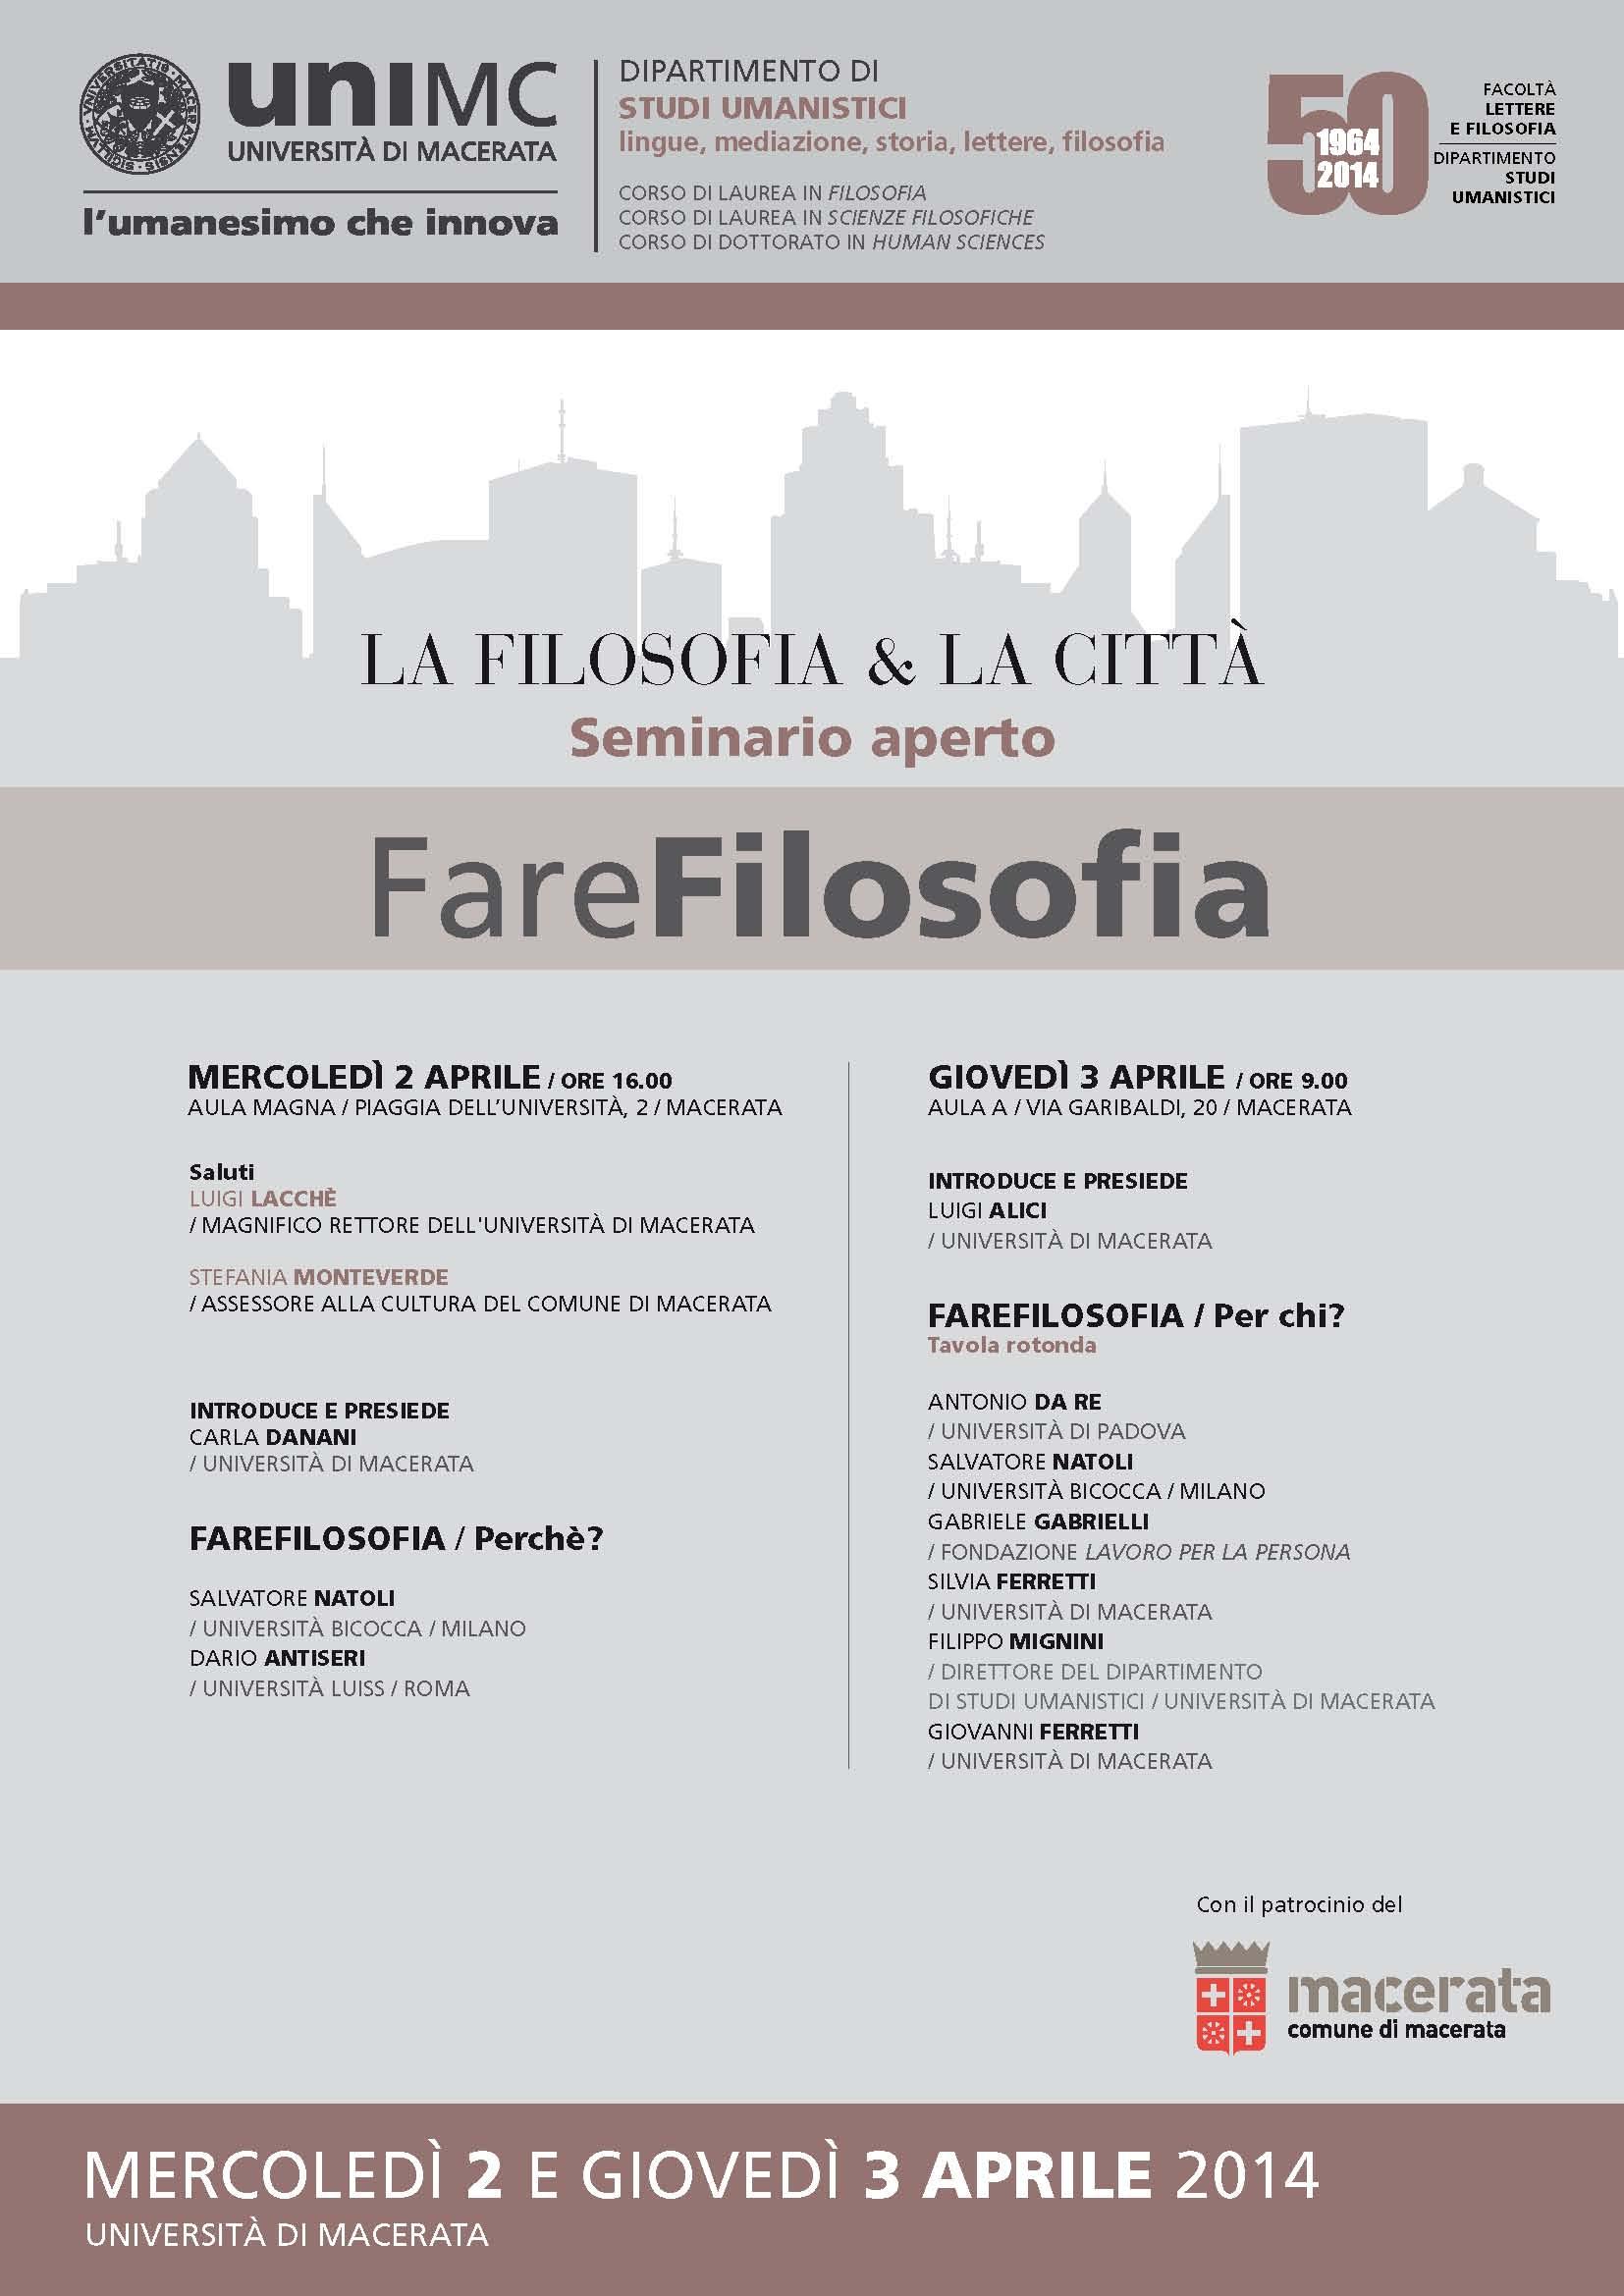 Locandina 2-3 aprile